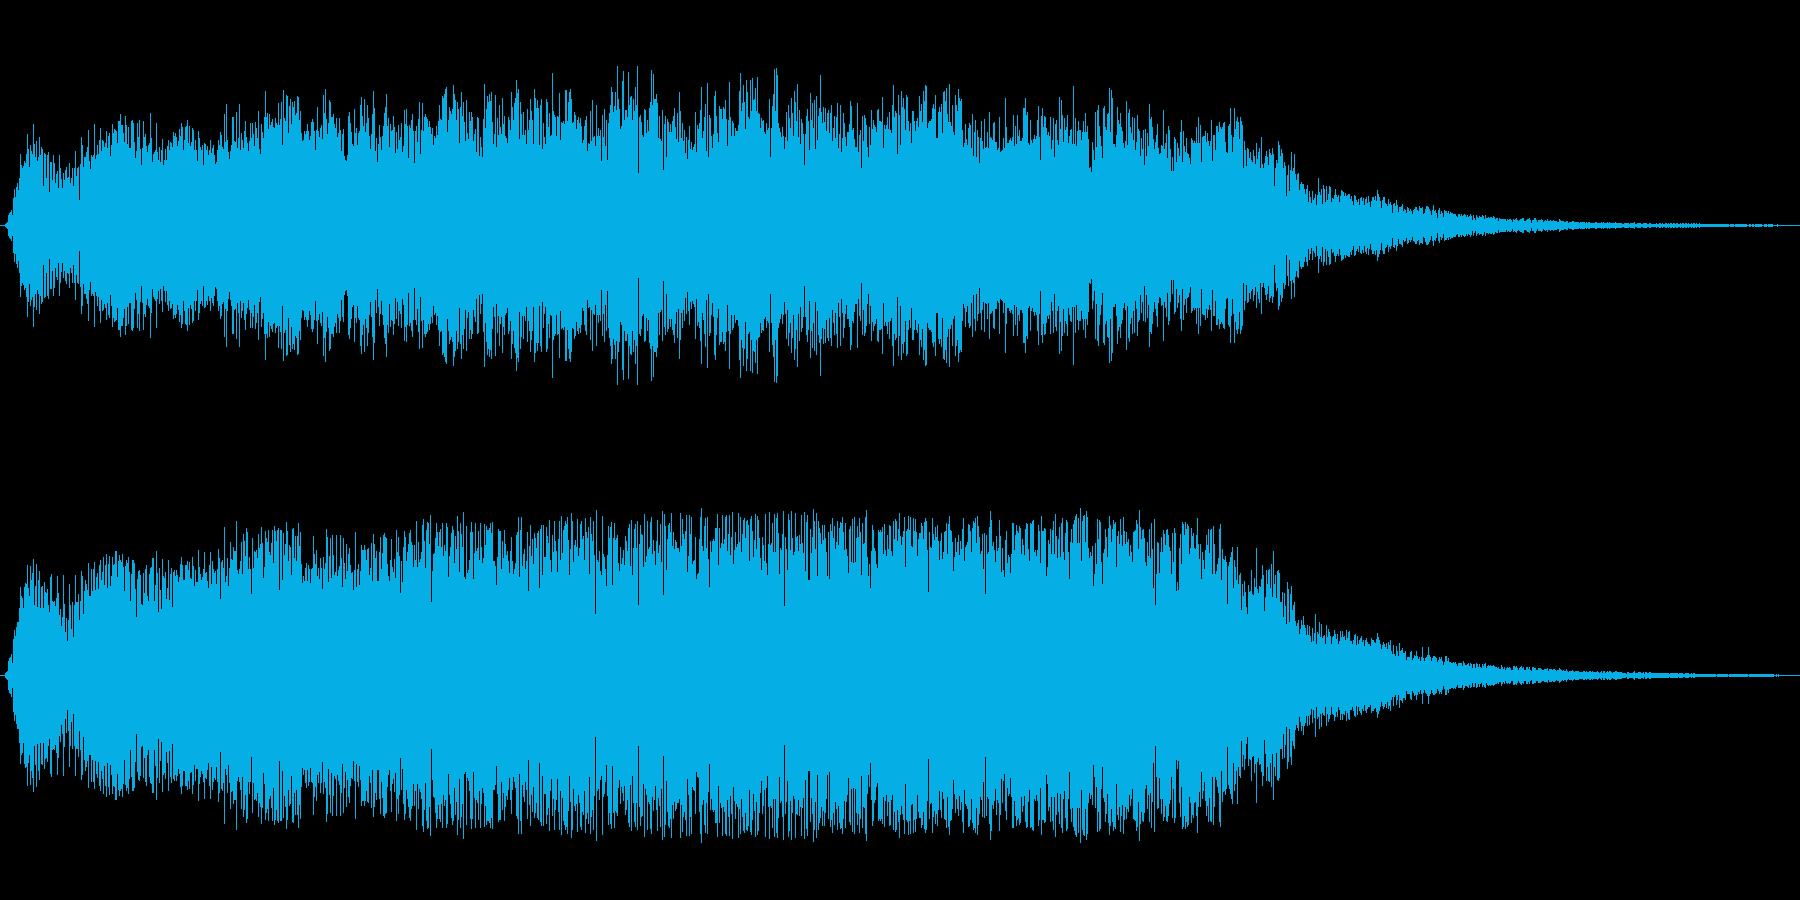 重厚感と神秘性のあるオープニング曲の再生済みの波形